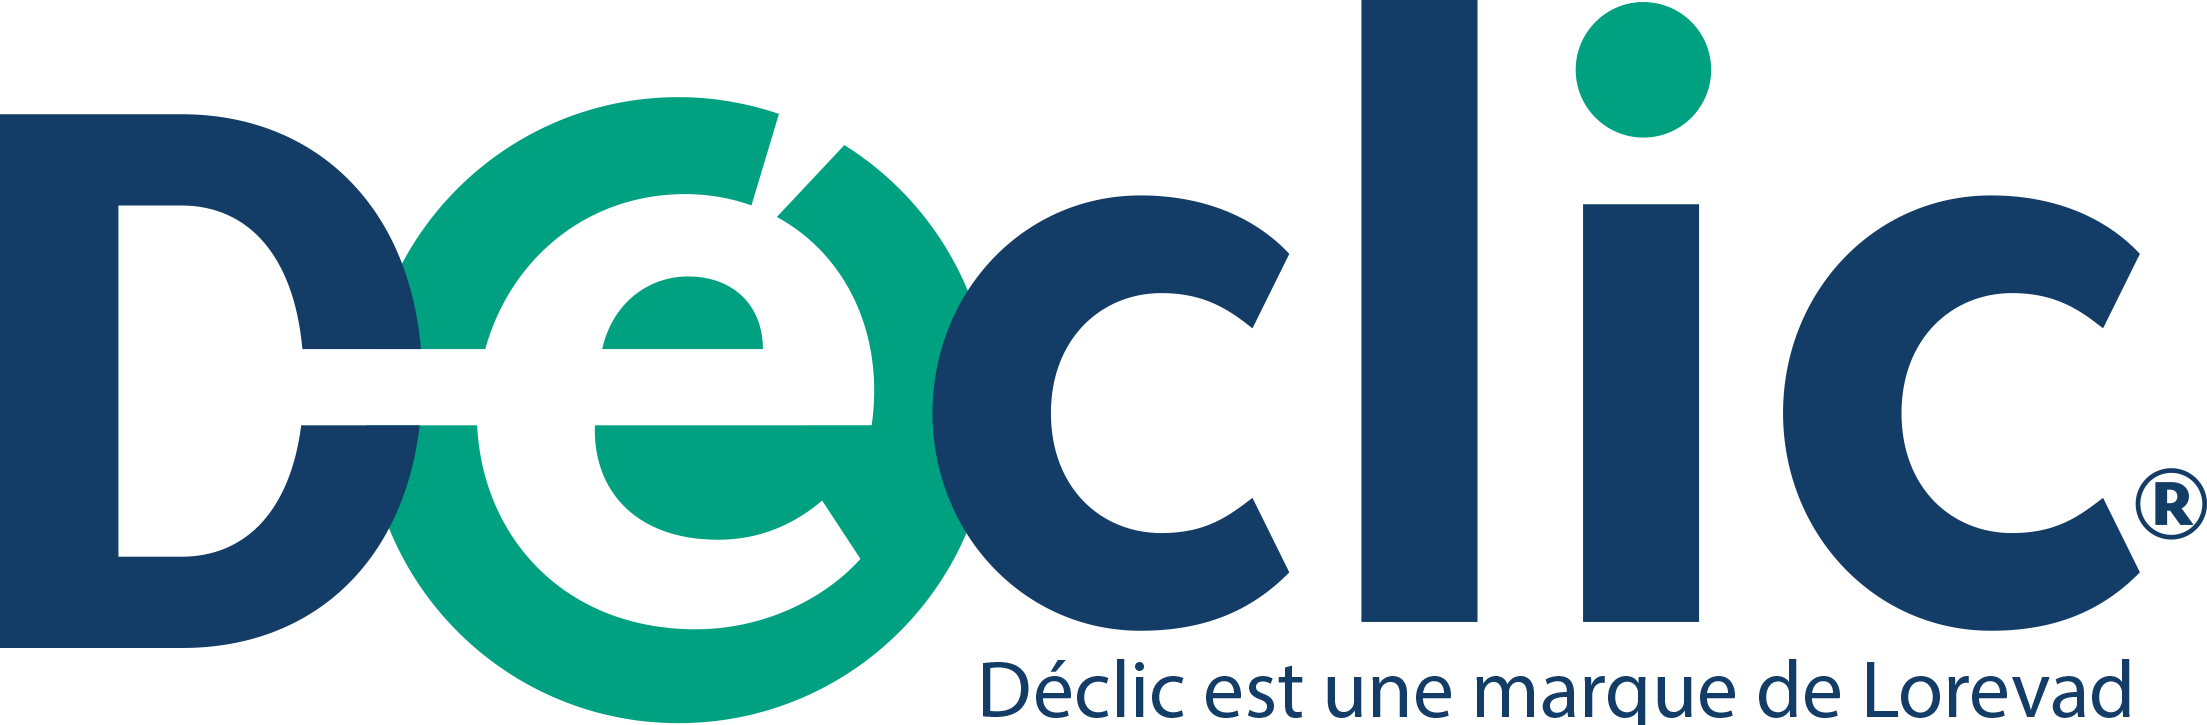 Blog Déclic